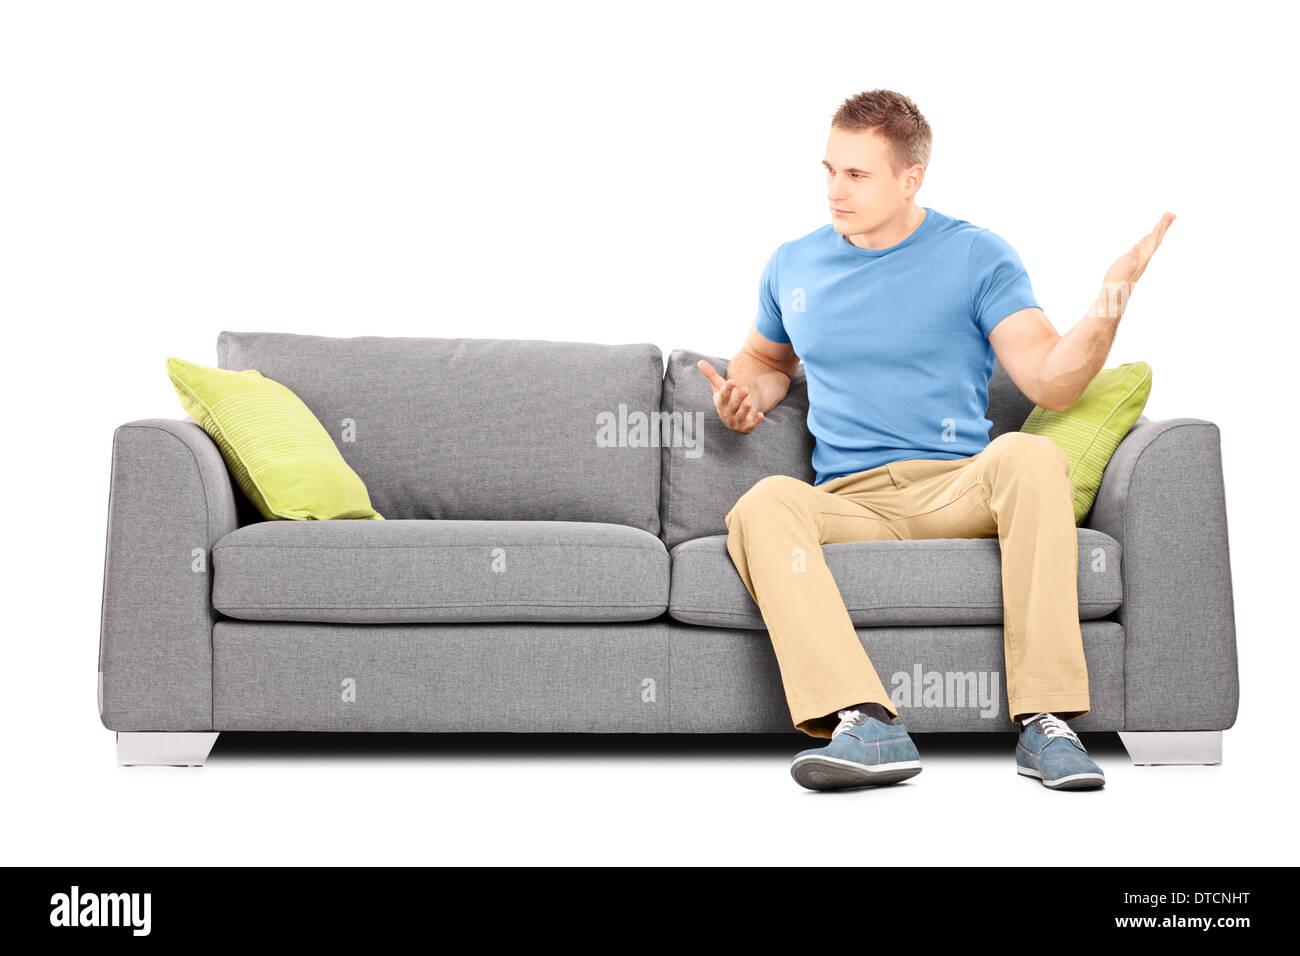 Verärgerter Mann auf der Couch sitzen und seine Hand heftig schwingen Stockbild